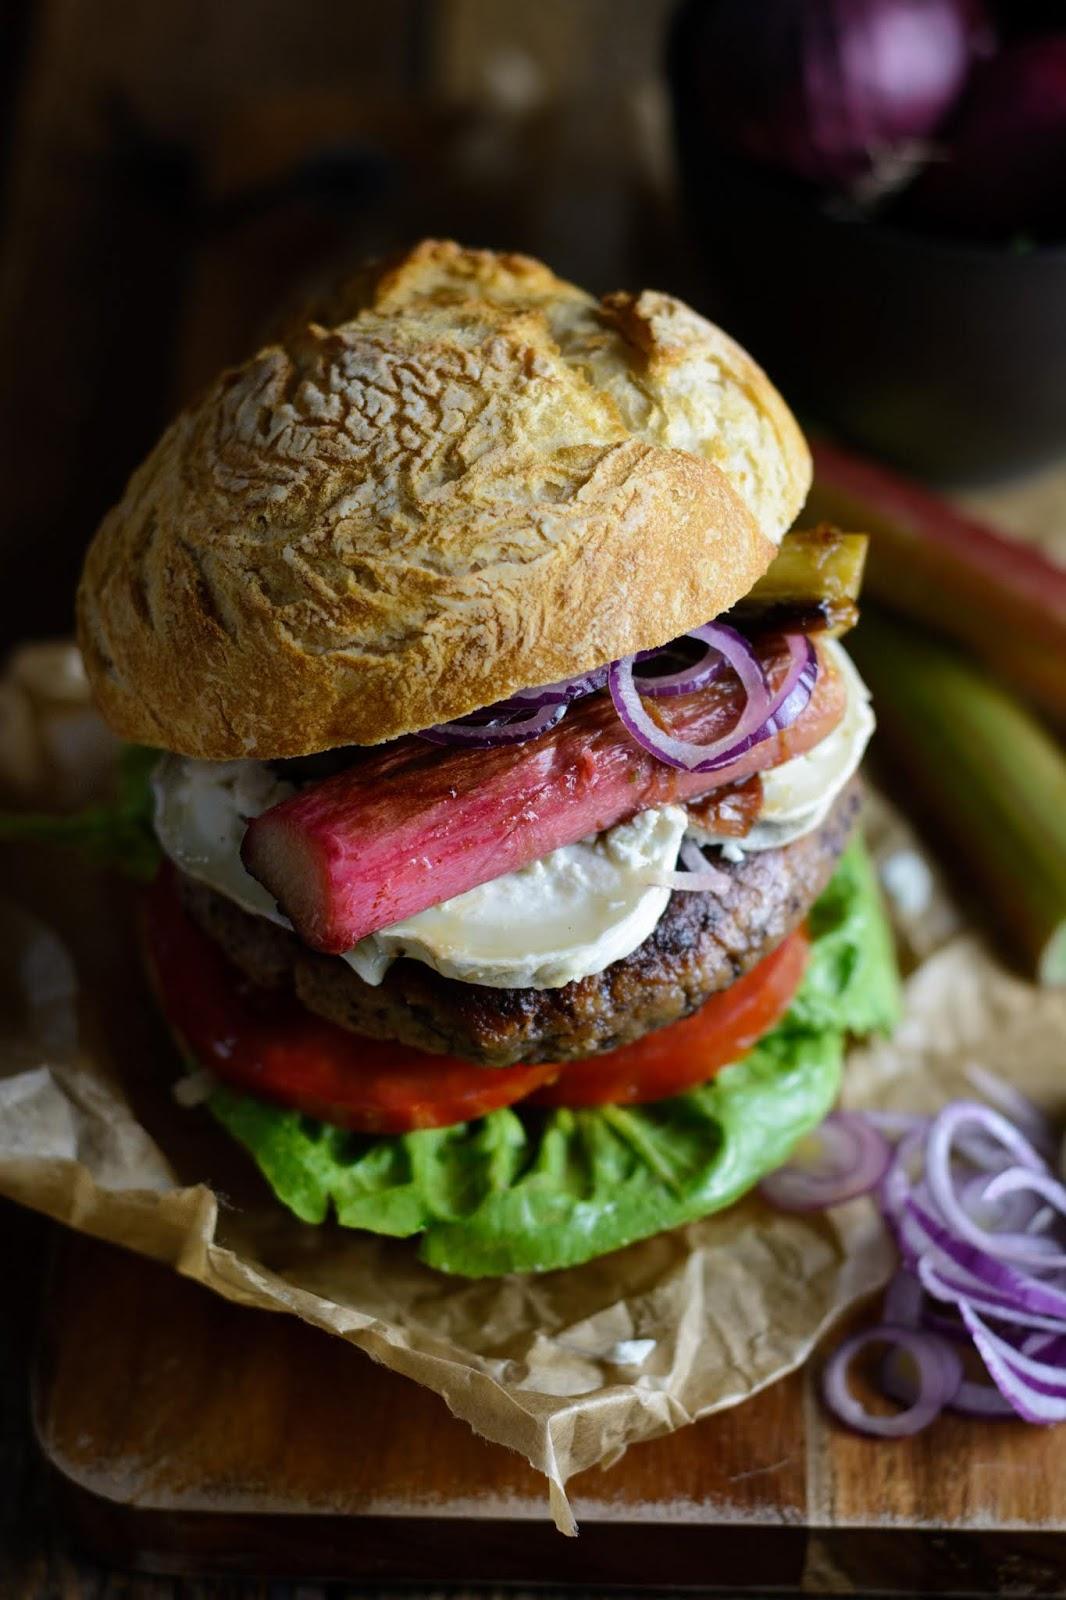 Rezept für vegetarischer Kidneybohnen Burger mit Ziegenkäse und karamellisiertem Rhabarber, Burger Foodblog, Ina Is(s)t